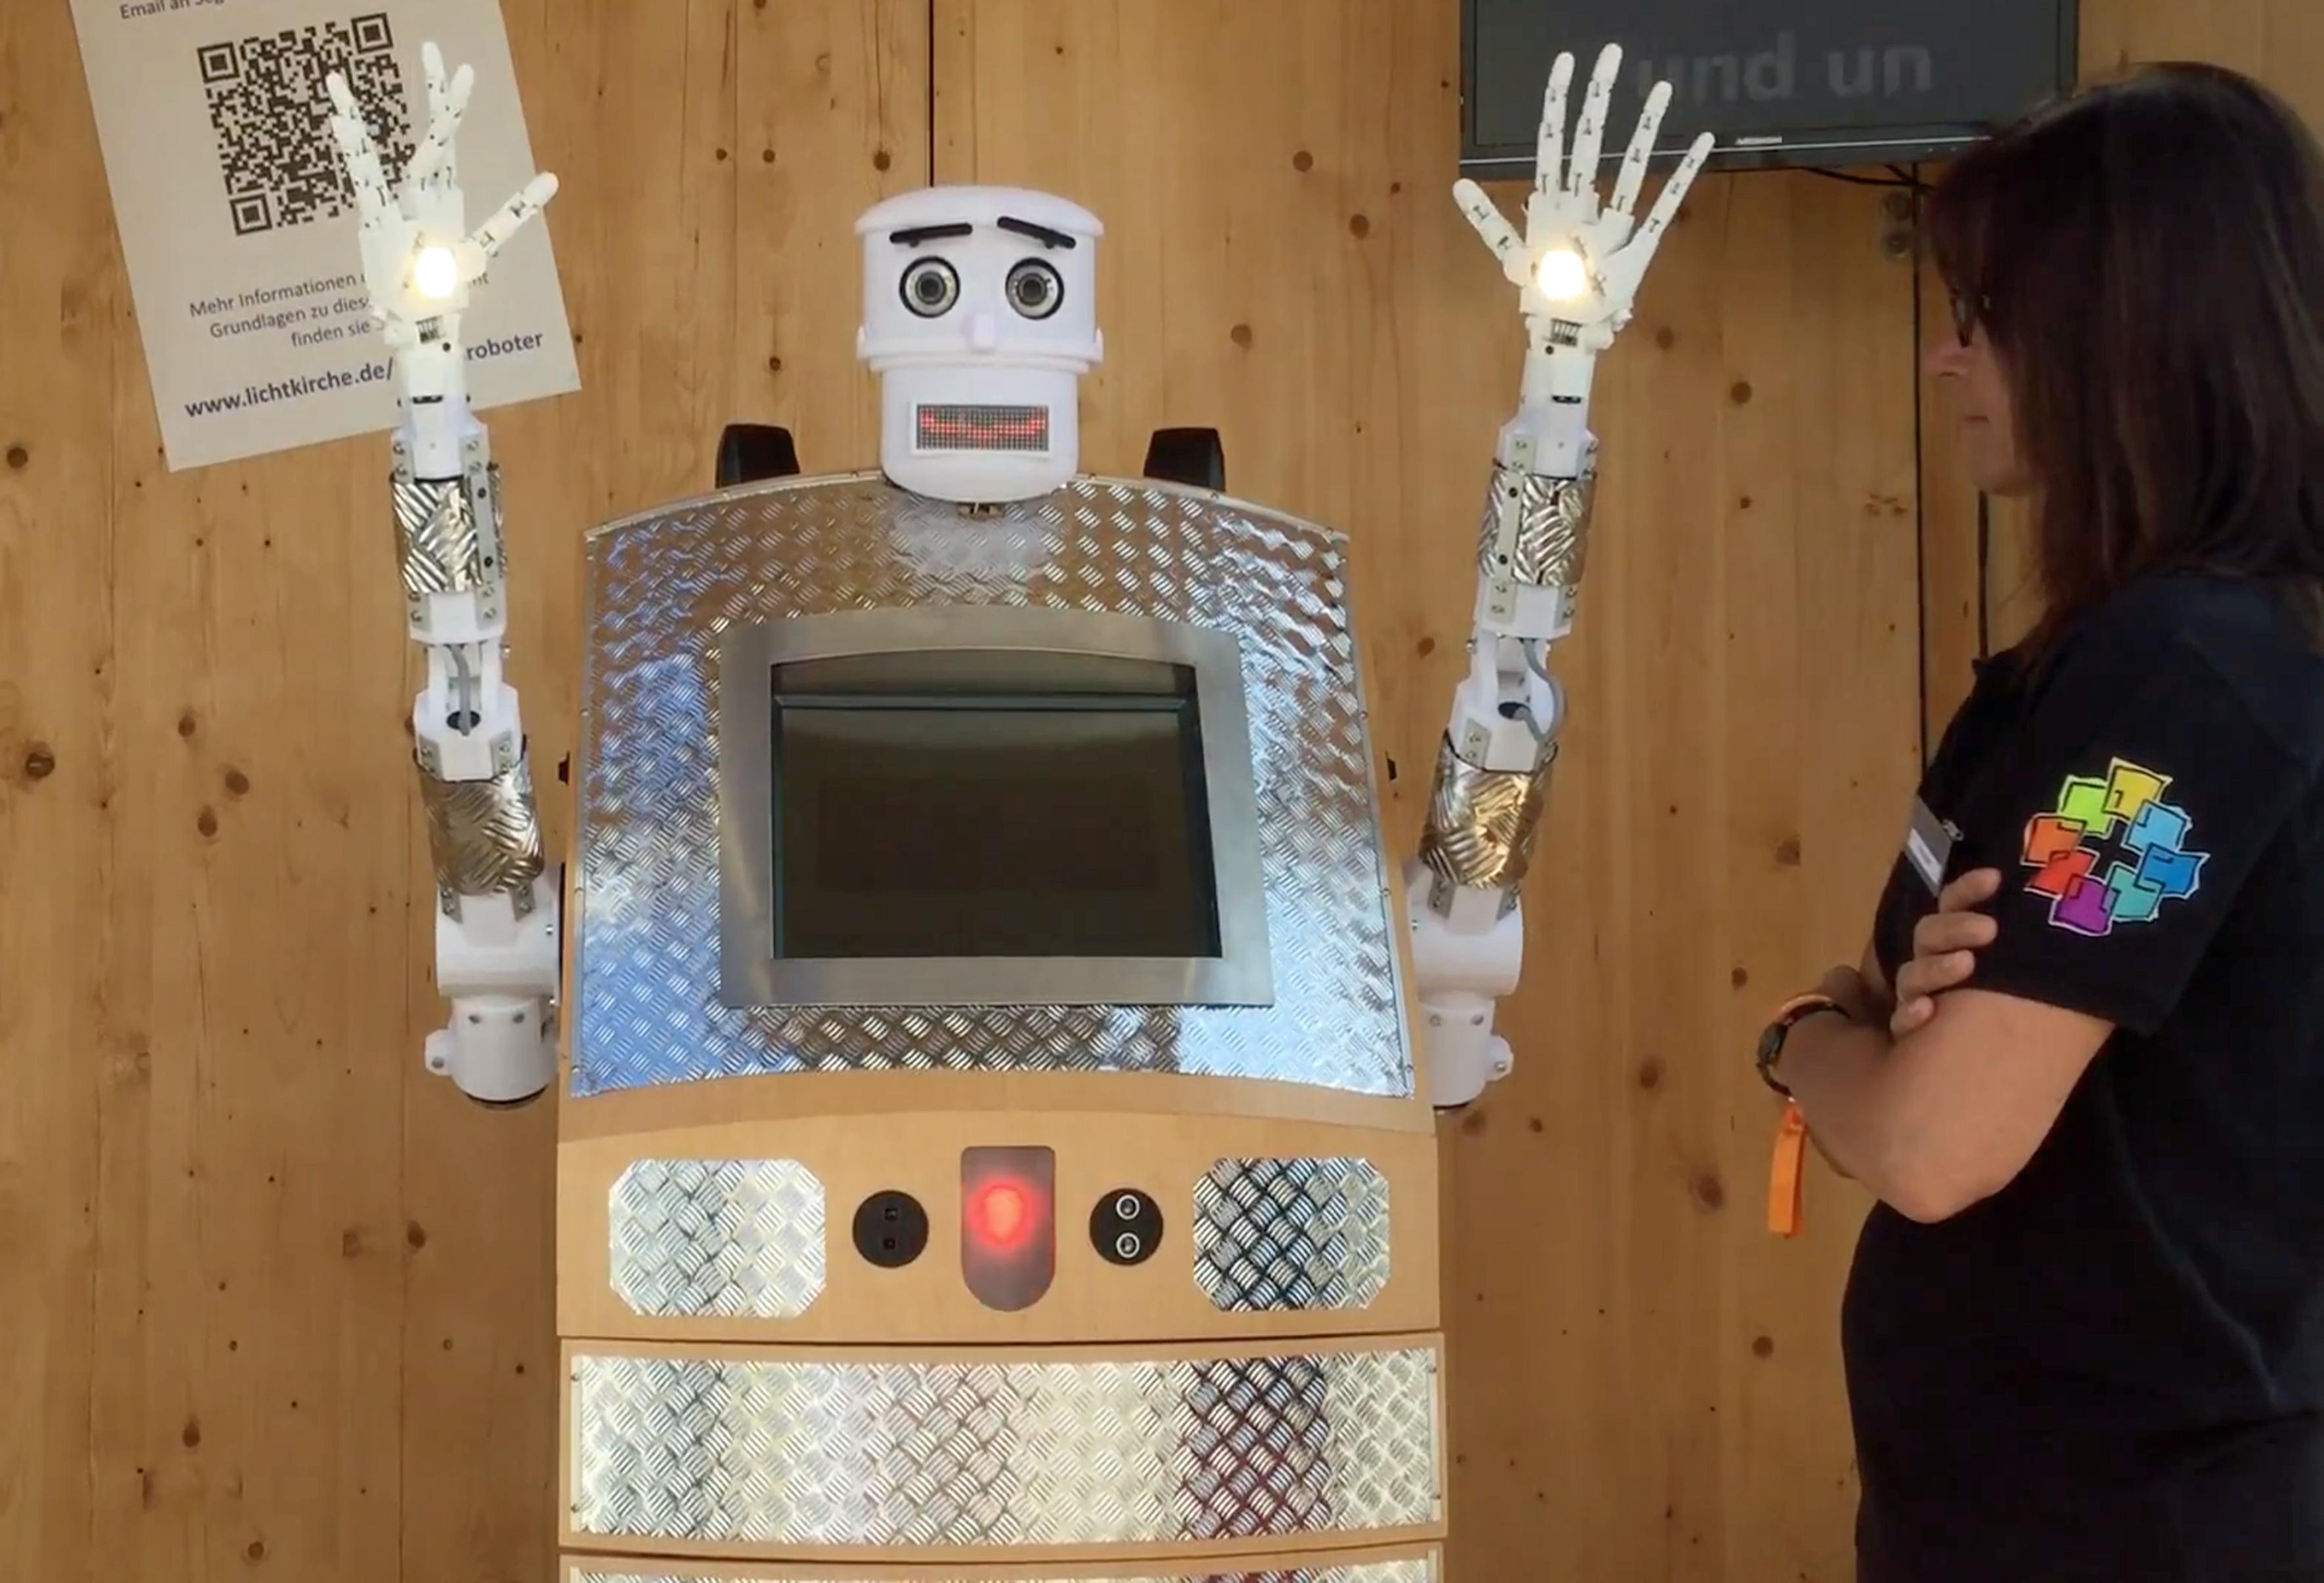 """2017年6月1日,位于德国维滕贝格的Hesse and Nasaau新教教堂将迎来一位奇特的牧师——名叫""""BlessU-2""""的机器人牧师,这为机器人牧师精通德、英、法、西班牙语和波兰语五种语言,可供教徒自行选择,除此之外,教徒还可根据个人爱好,选择男声或女声。"""